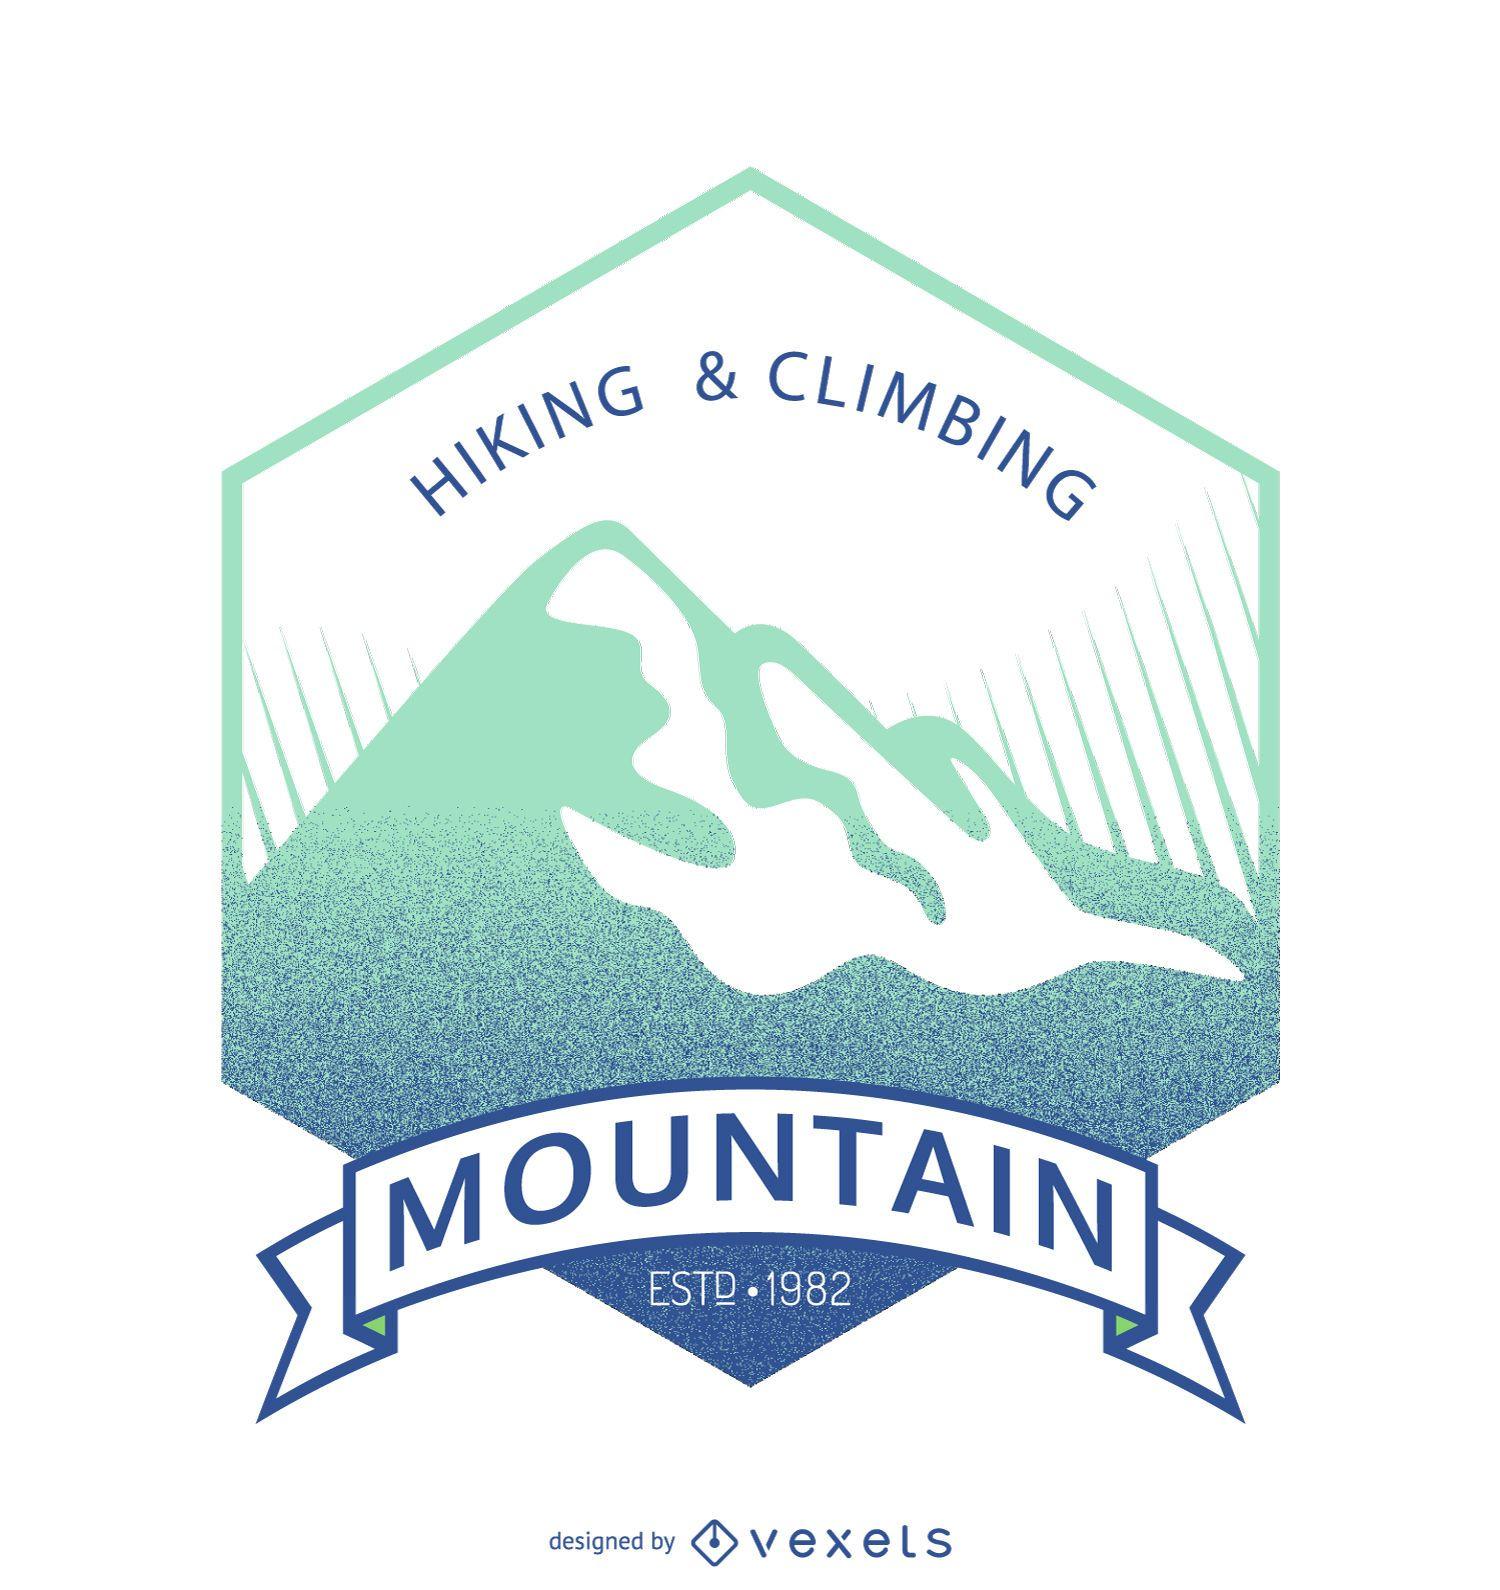 Plantilla de insignia de etiqueta de montaña